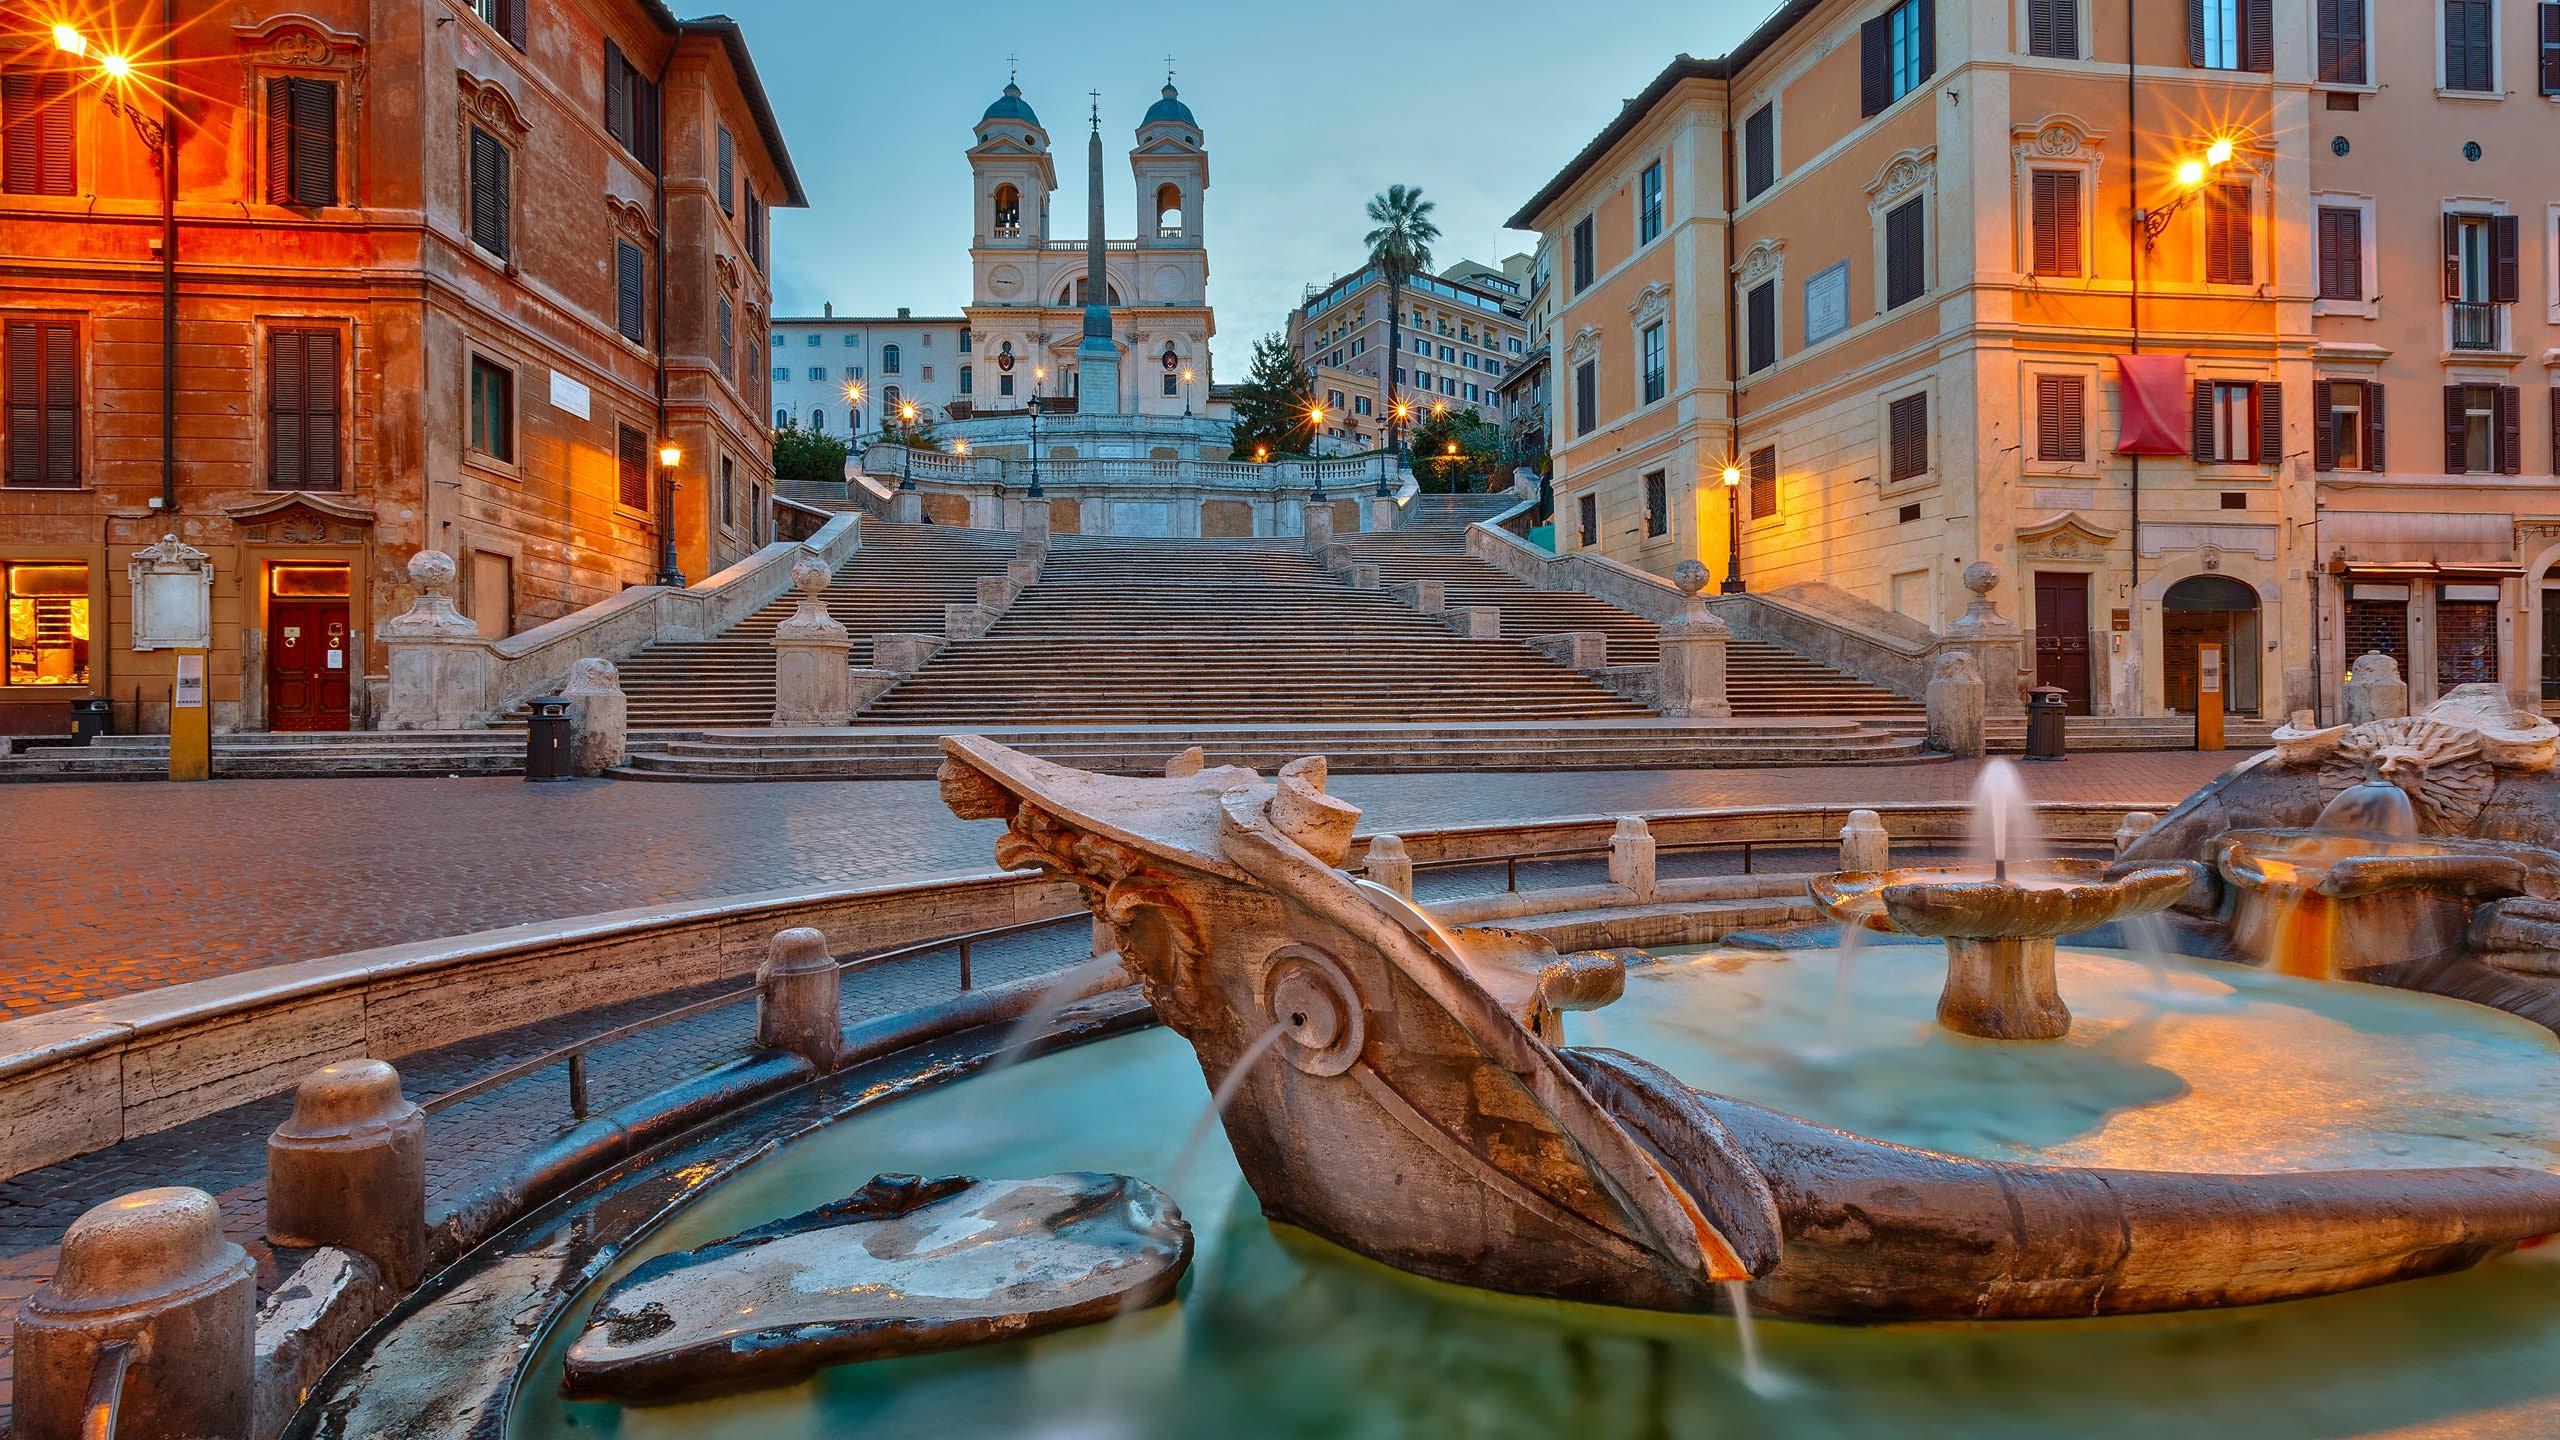 ludovisi-palace-roma-piazza-di-spagna